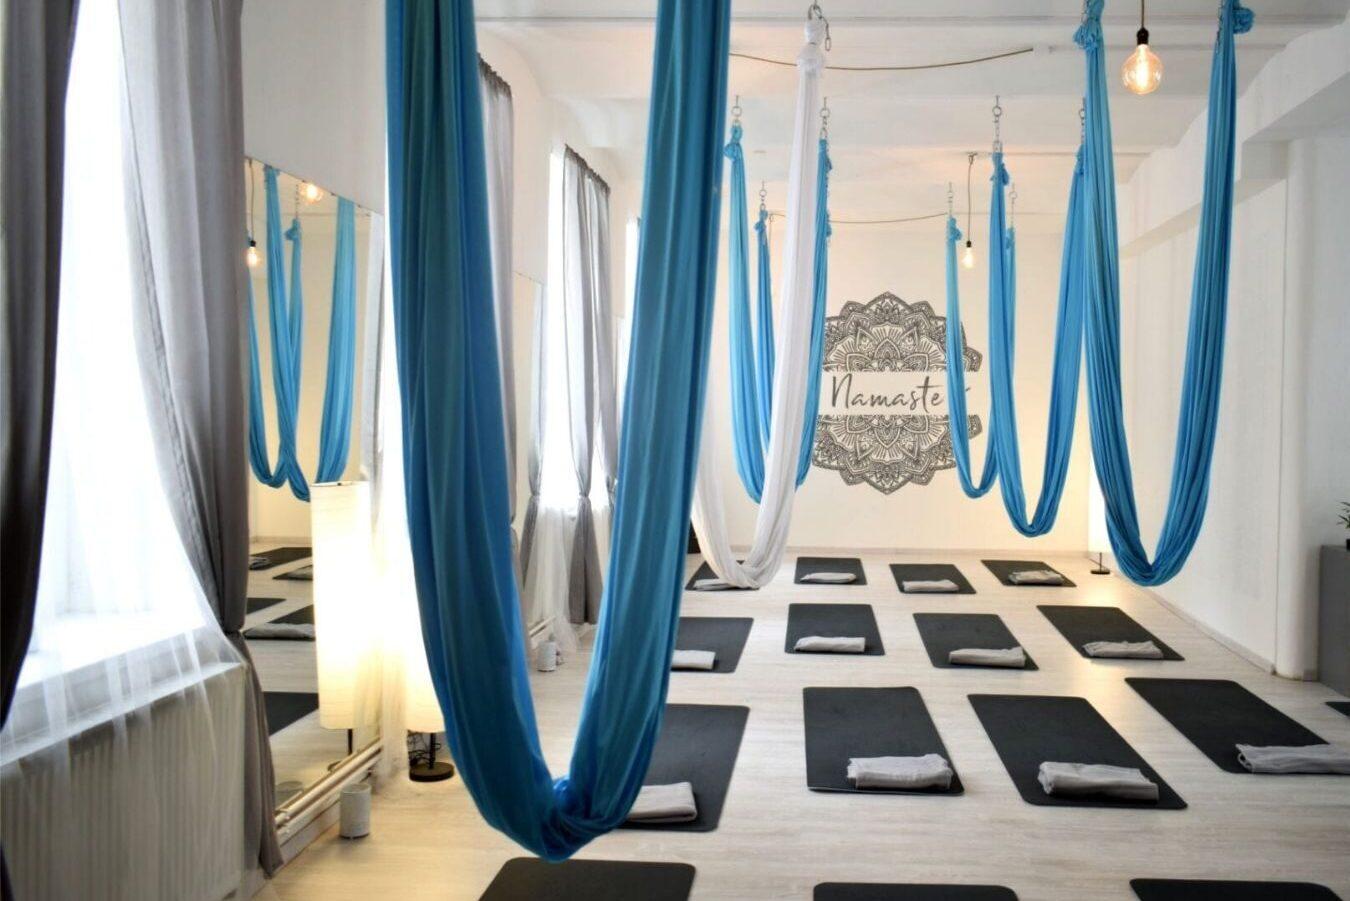 jóga Liberec a Turnov, studio v Liberci, kde visí sítě dolů a na zemi jsou připravené podložky pro následující lekci, jóga Liberec a Turnov, jóga Liberec